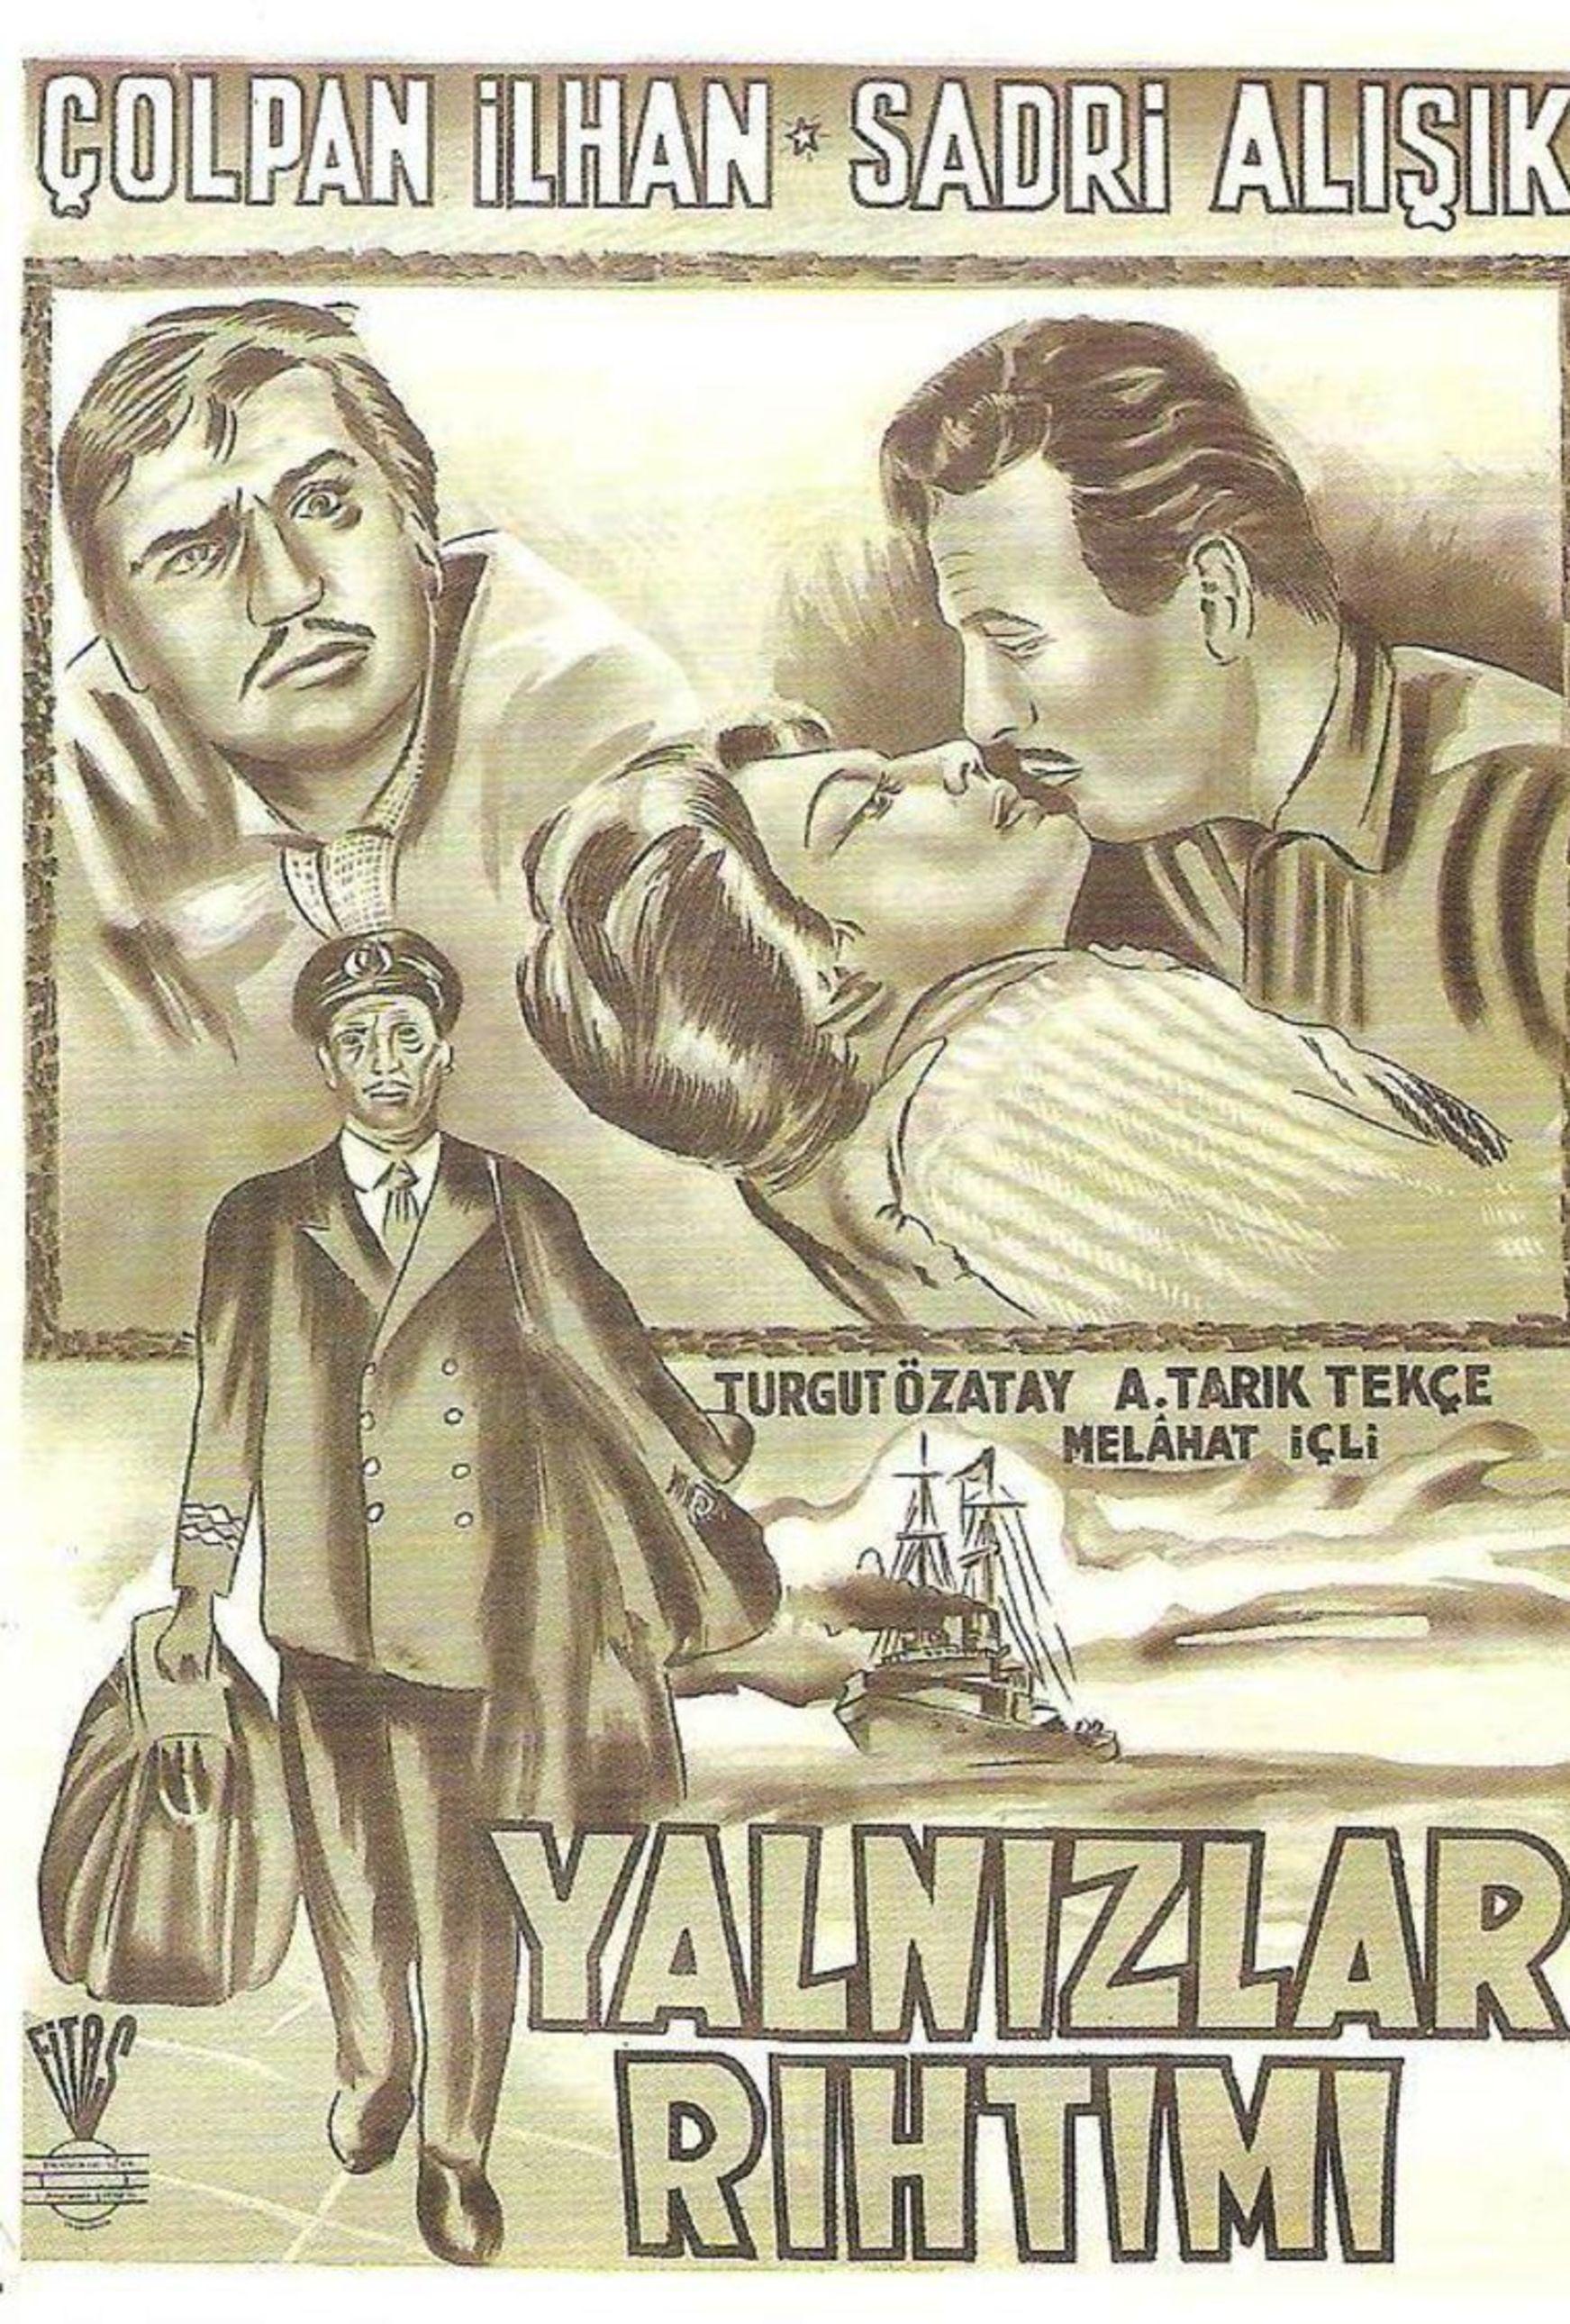 Türker İnanoğlu'nun Ömer Lütfi Akad'ı asiste ettiği 1959 yapımı 'Yalnızlar Rıhtımı', Sadri Alışık ile Çolpan İlhan'ın tanışarak birbirlerine âşık olduğu film.